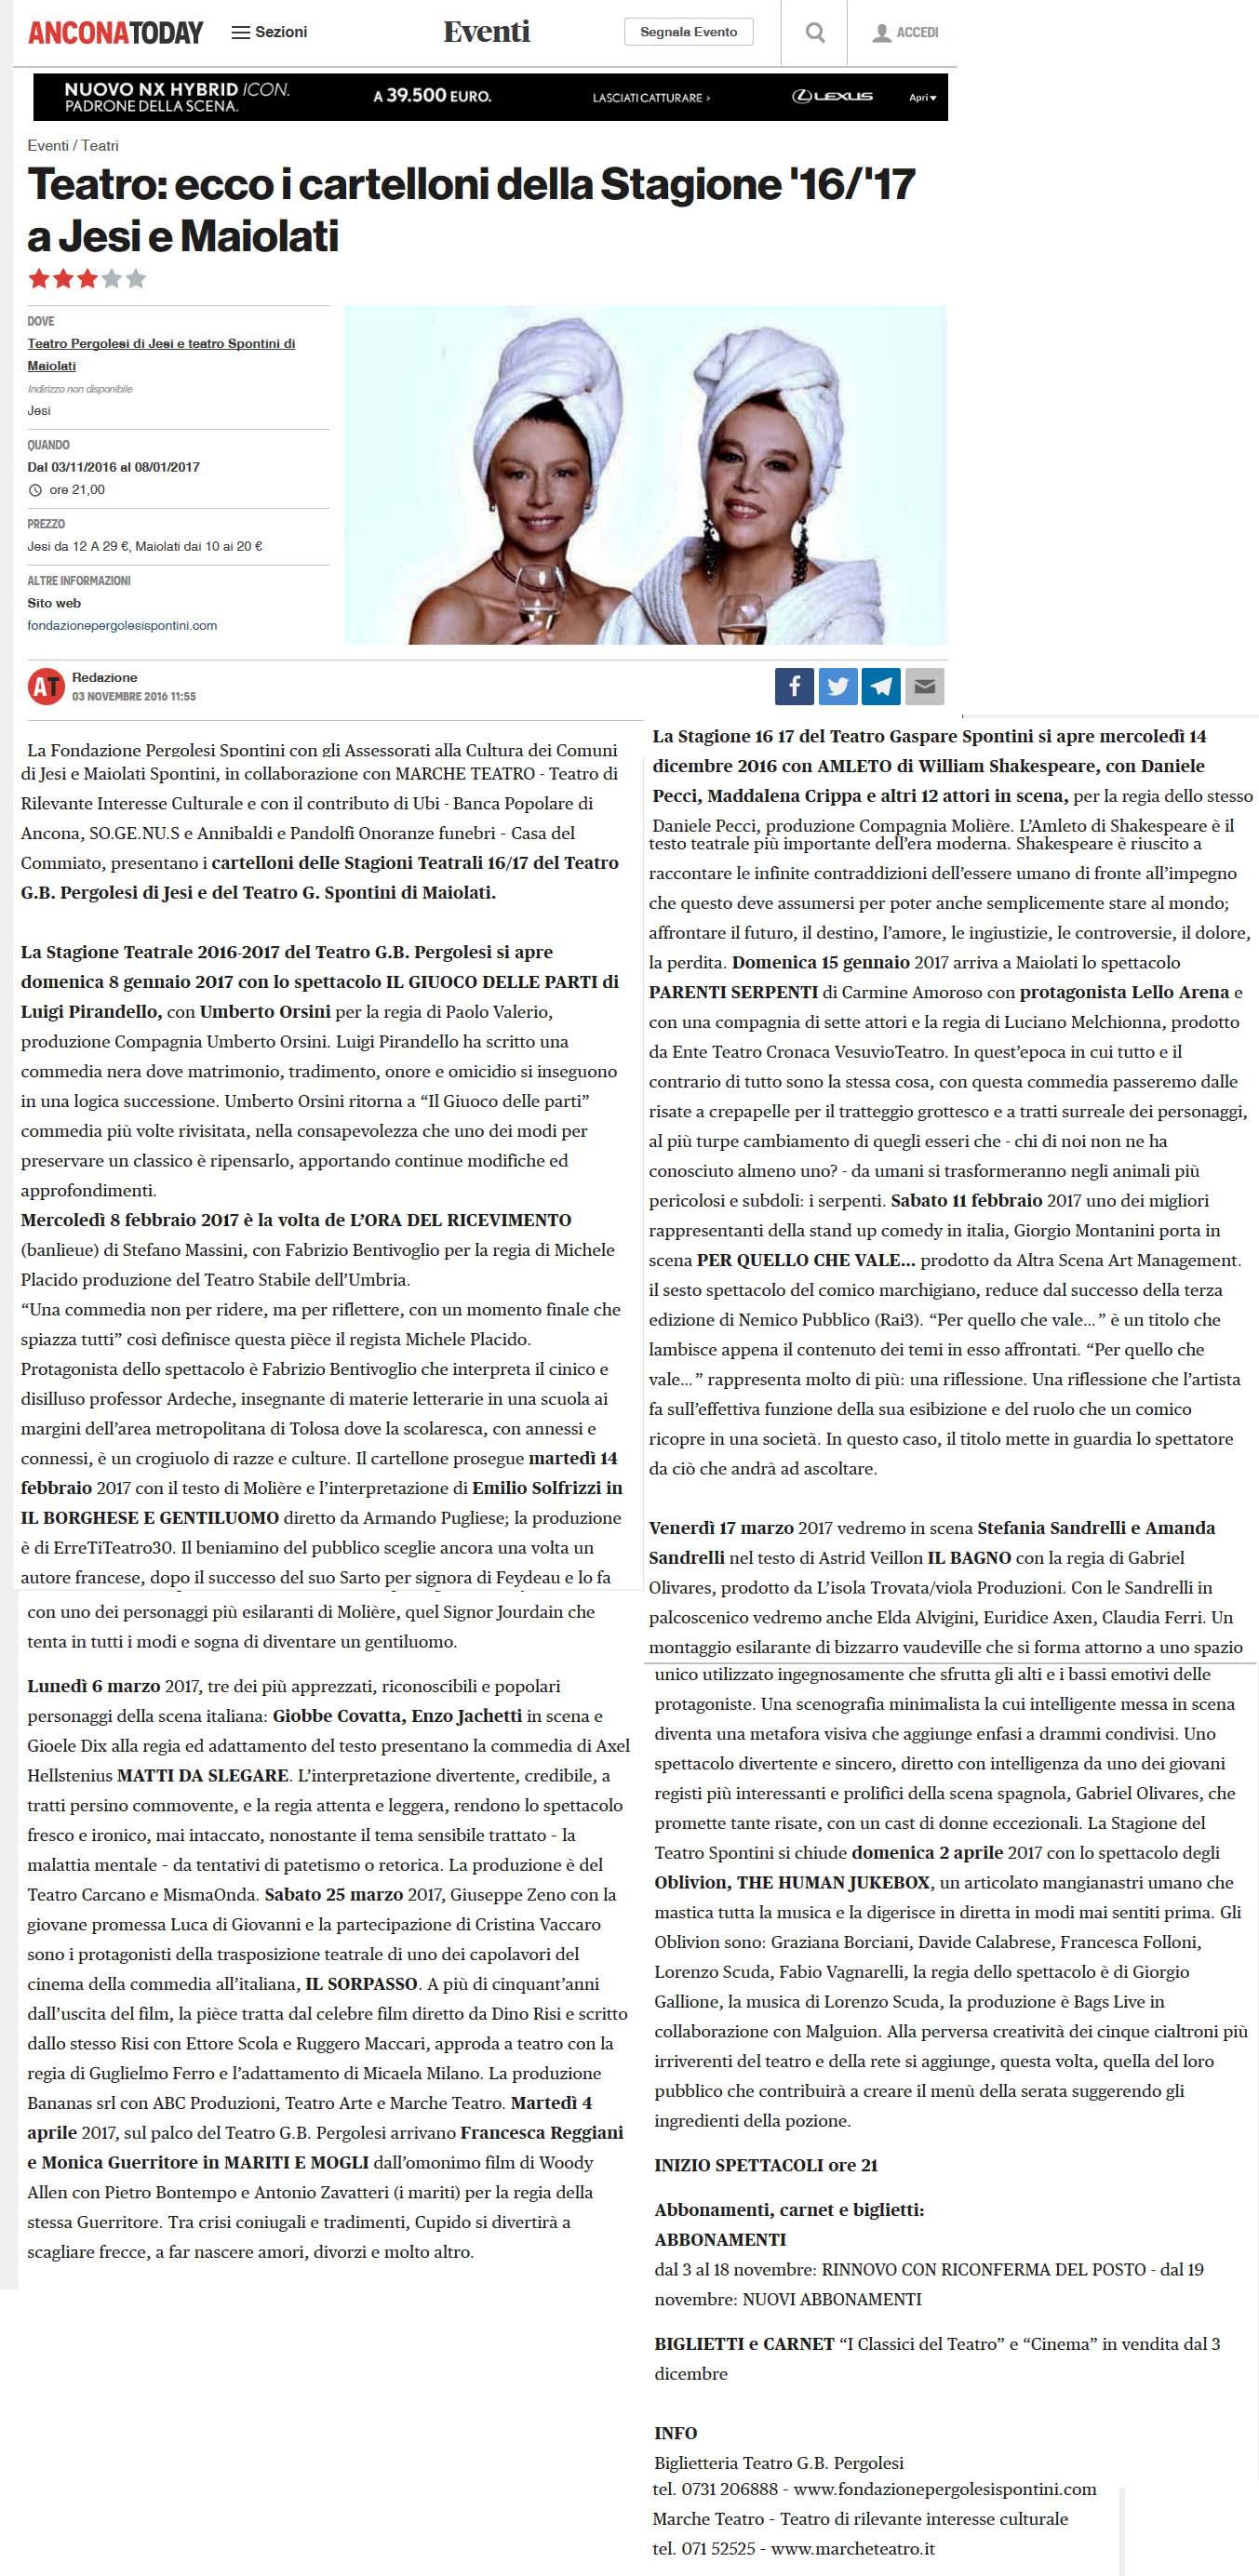 2016_11_03_i-cartelloni-delle-stagioni-teatrali-16-17-a-jesi-e-maiolati_anconatoday